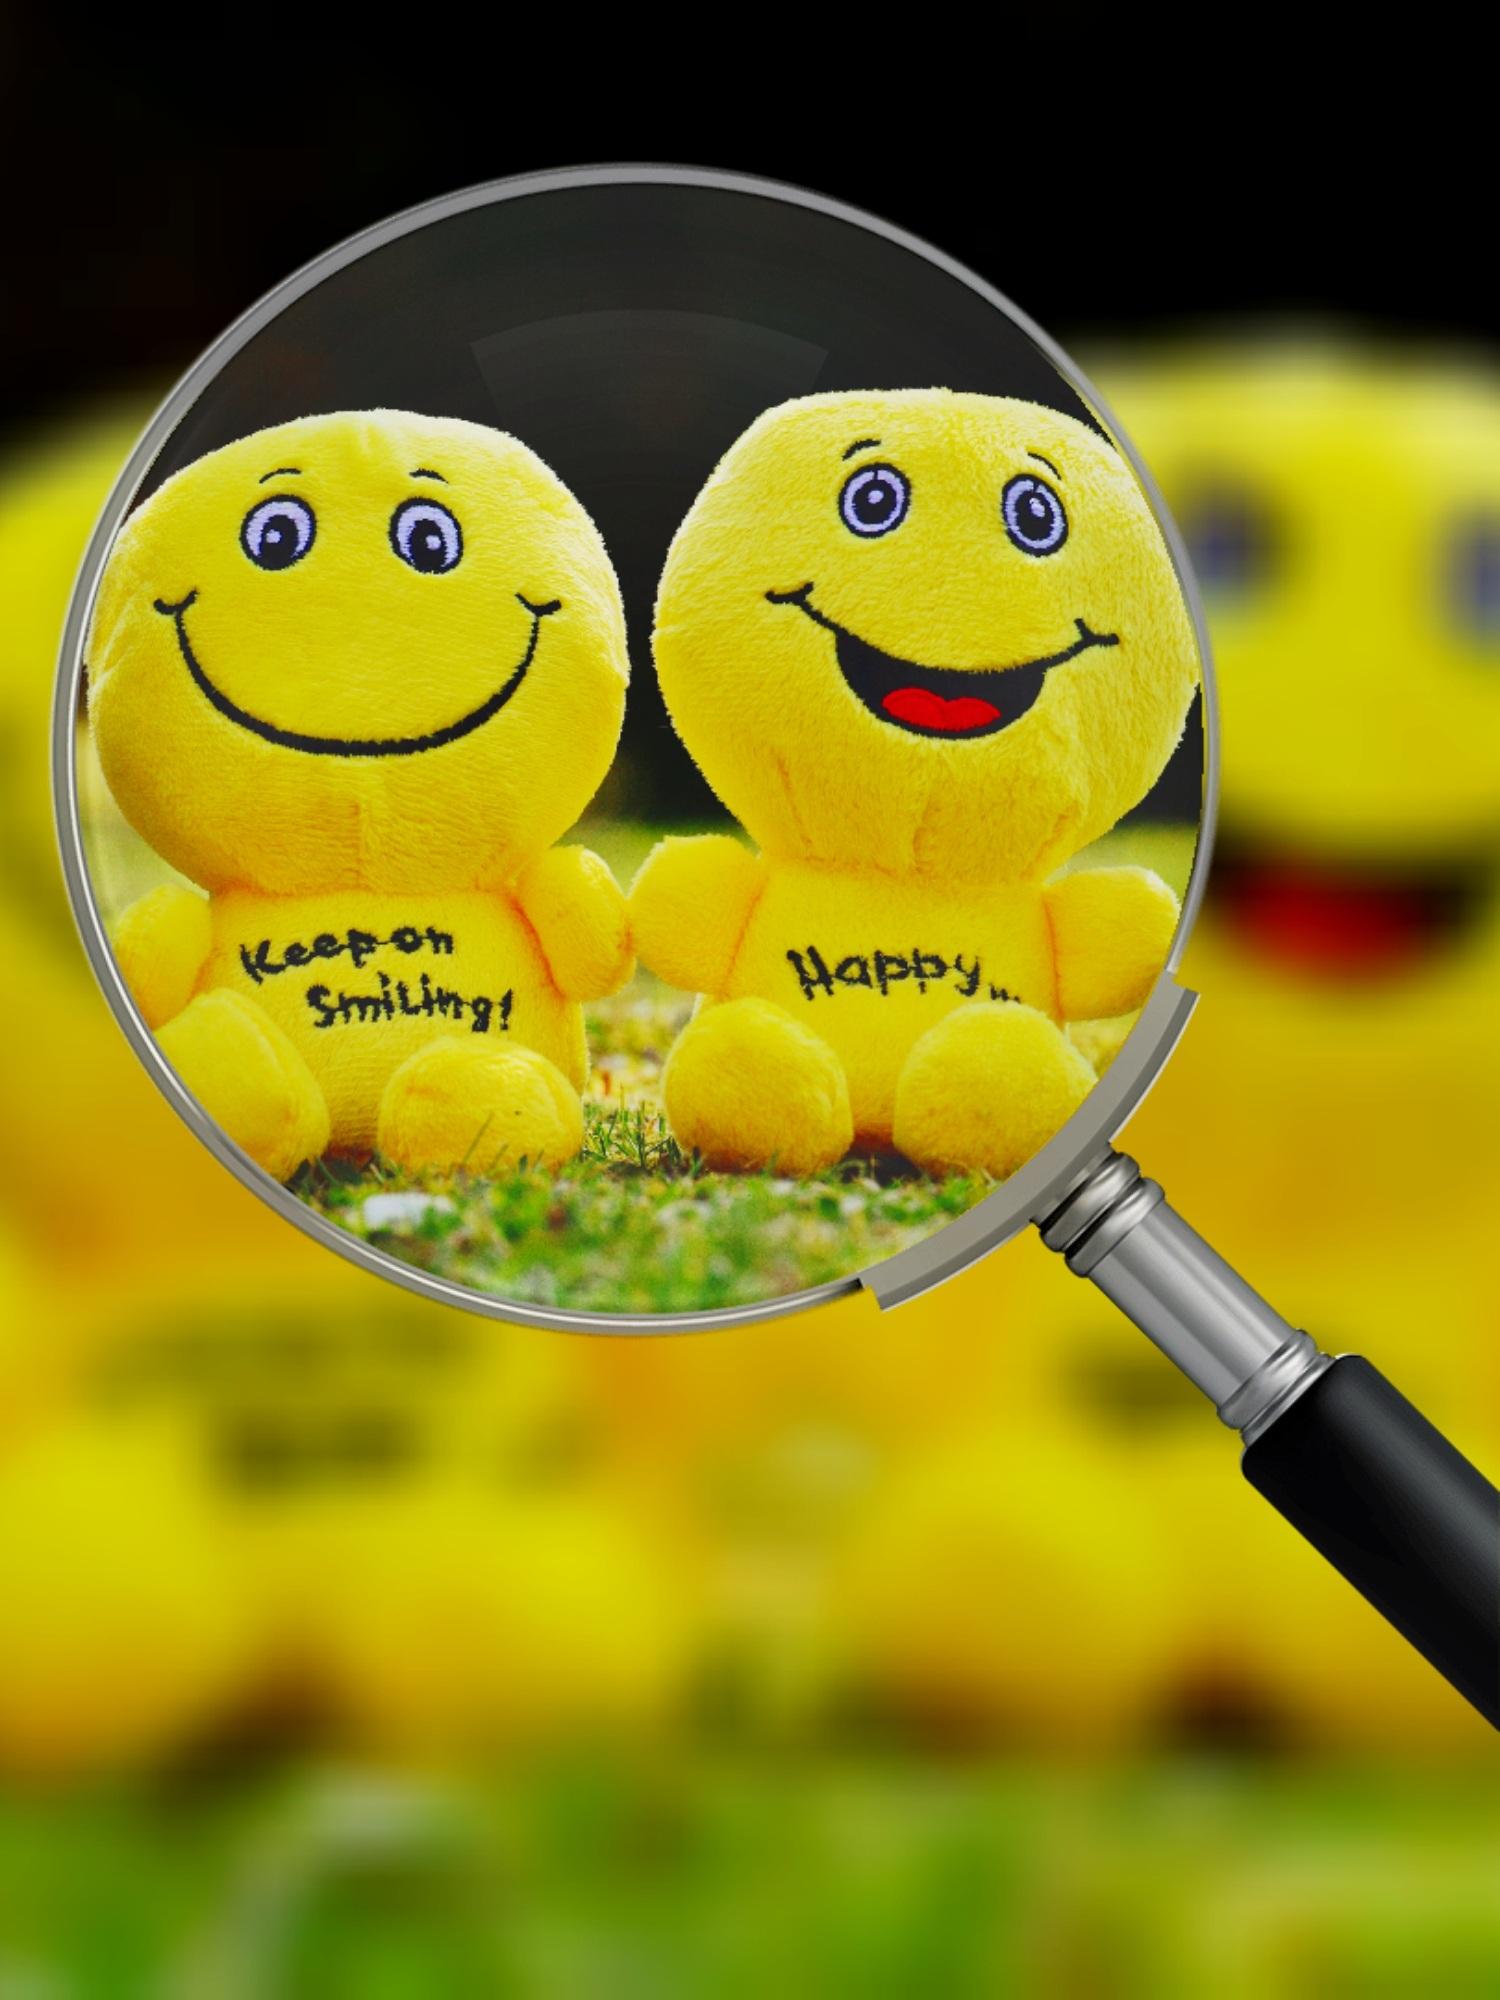 Kostenlose Foto Süß Niedlich Grün Gelb Lächeln Lachen Anfang